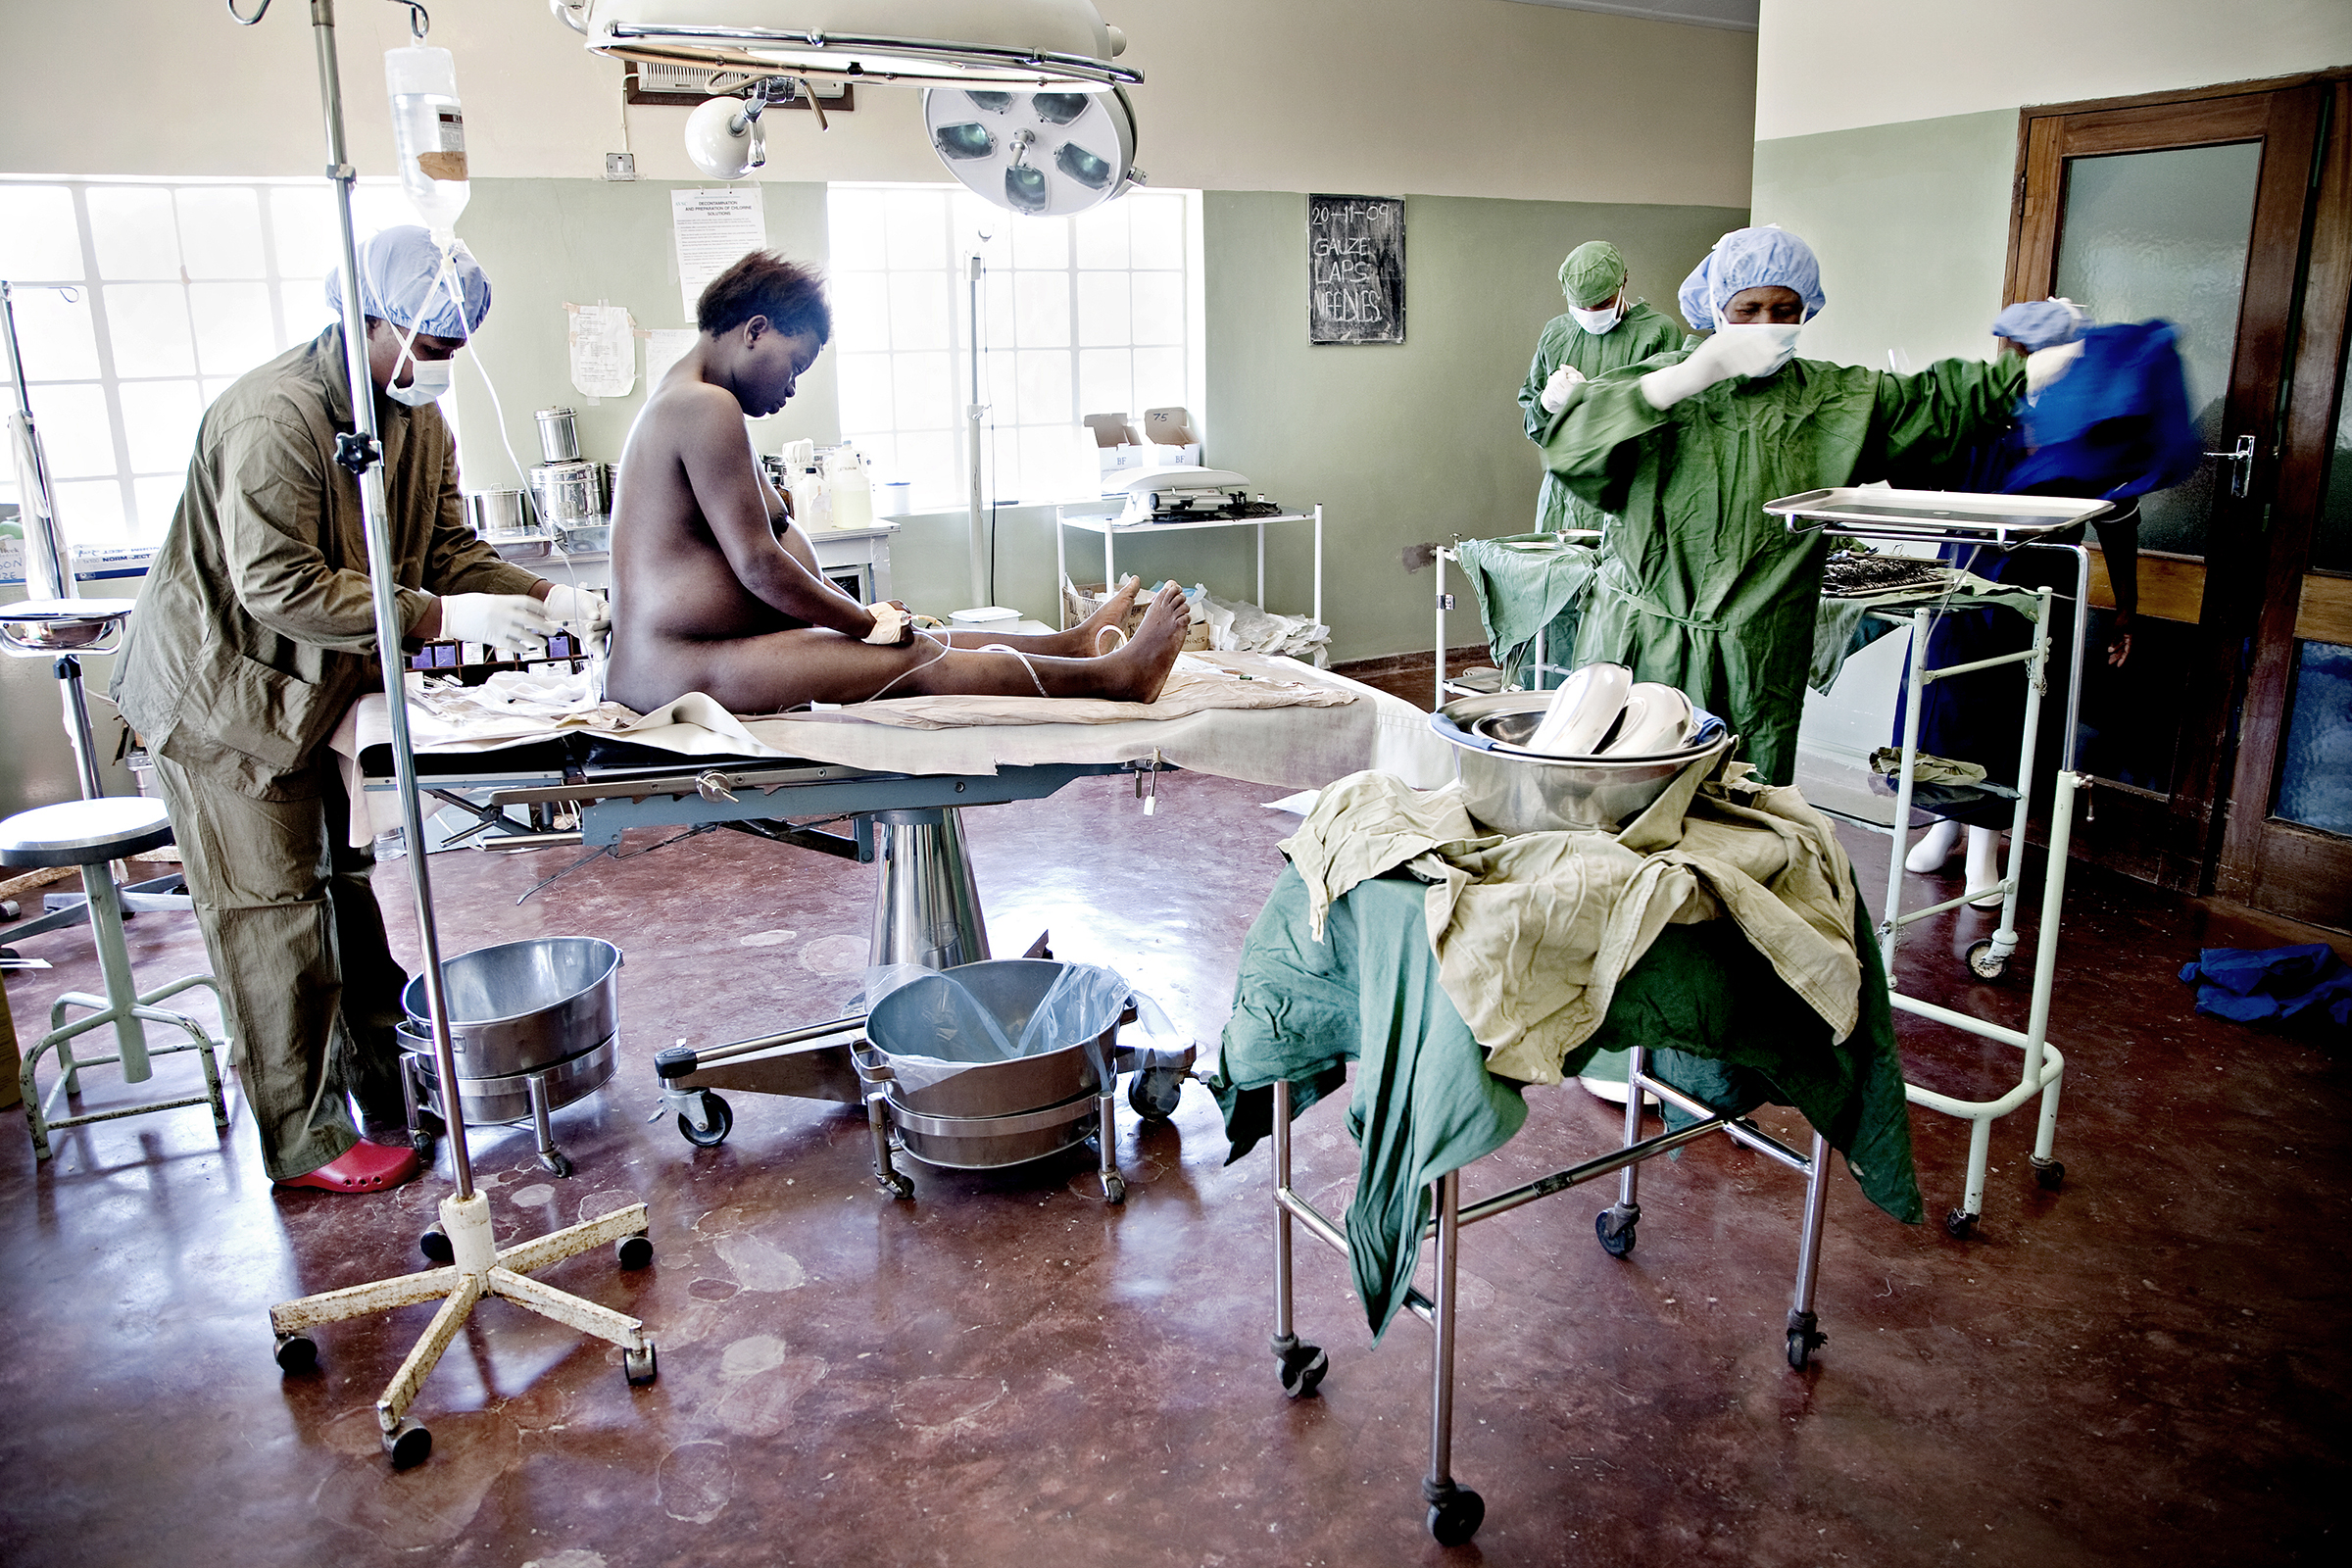 St. Joseph's Hospital, Chiradzulu, Malawi, 2010: En anestesilege setter en bedøvelsessprøyte i ryggen på Chrissy Andrew. Fødselen har stoppet opp og legene forbereder keisersnitt.